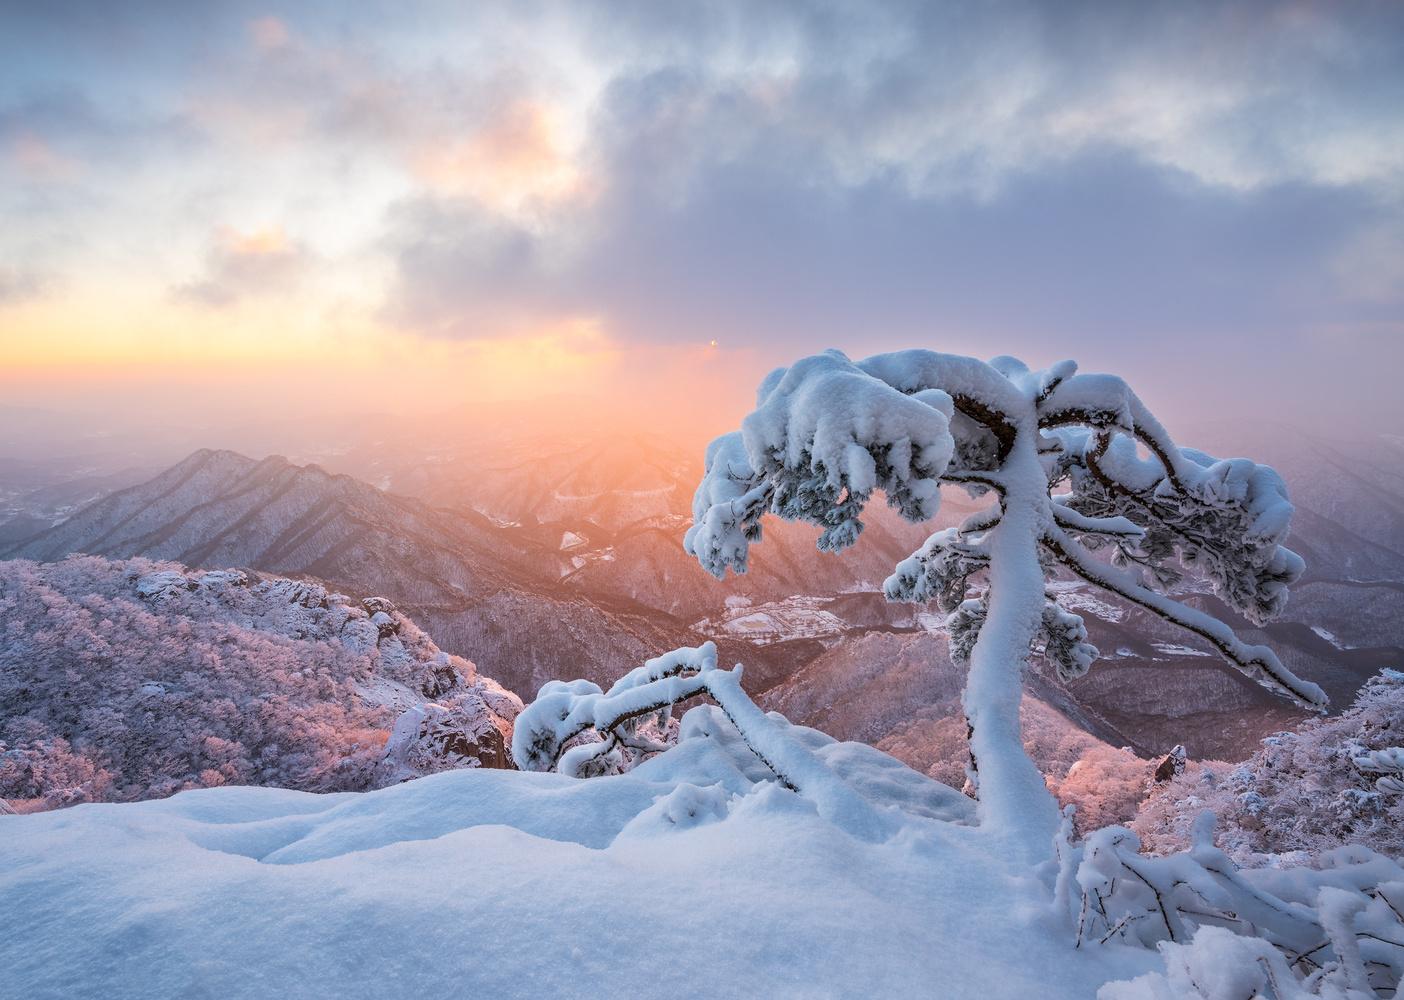 Frozen ghost by jaeyoun Ryu